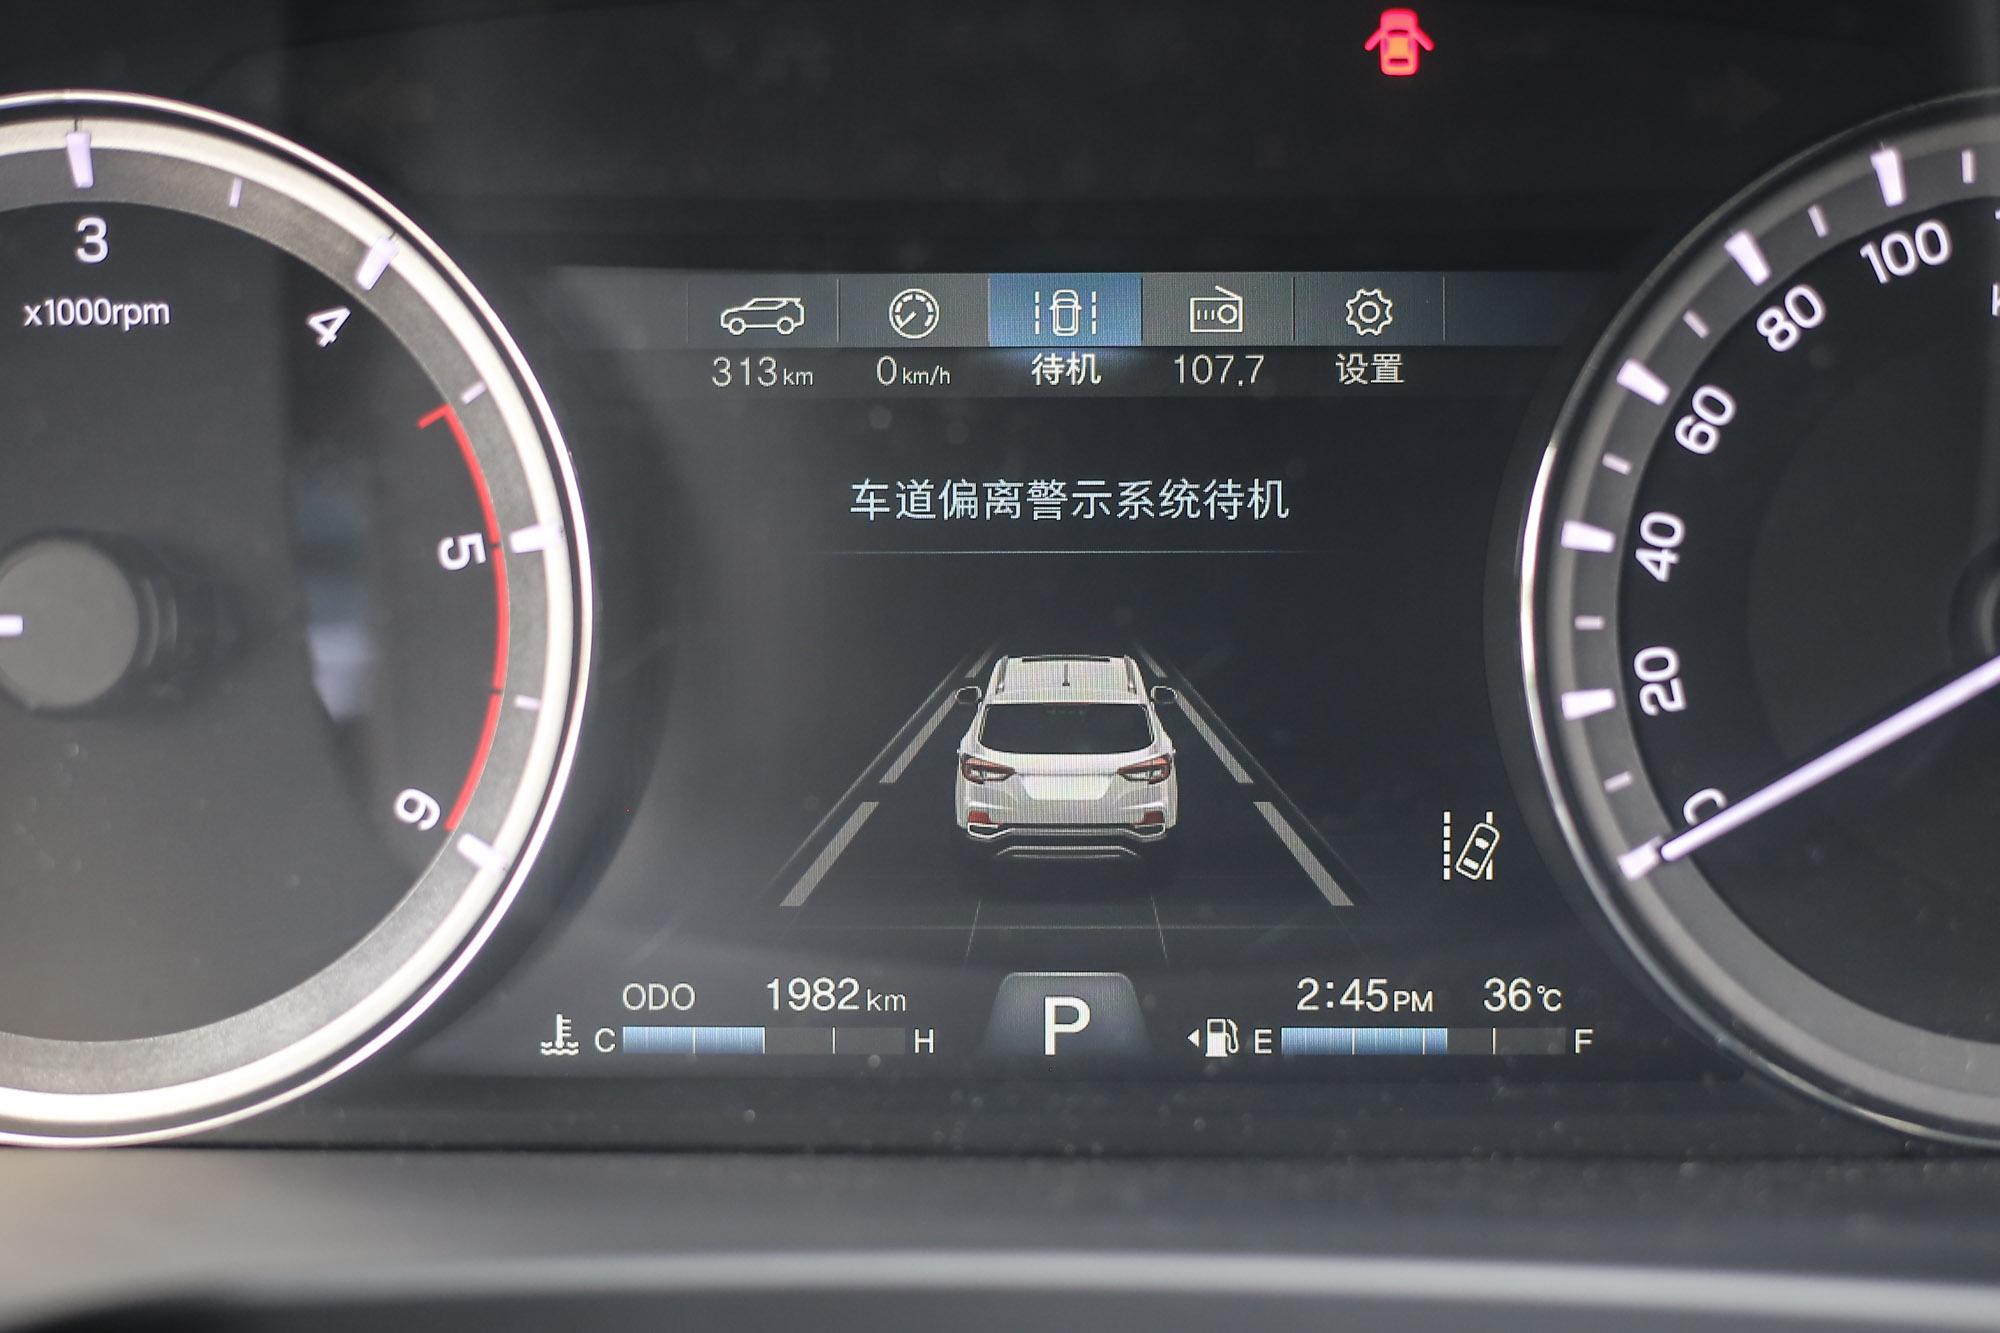 值得一提的是,Rexton 也導入相當多樣的主動安全系統,除了 ACC 沒有配載以外,其他如自動煞車緊急系統、車道偏移警示、盲點偵測系統、後方橫向來車警示等系統都全數配備,全車輔助氣囊數更高達九顆。